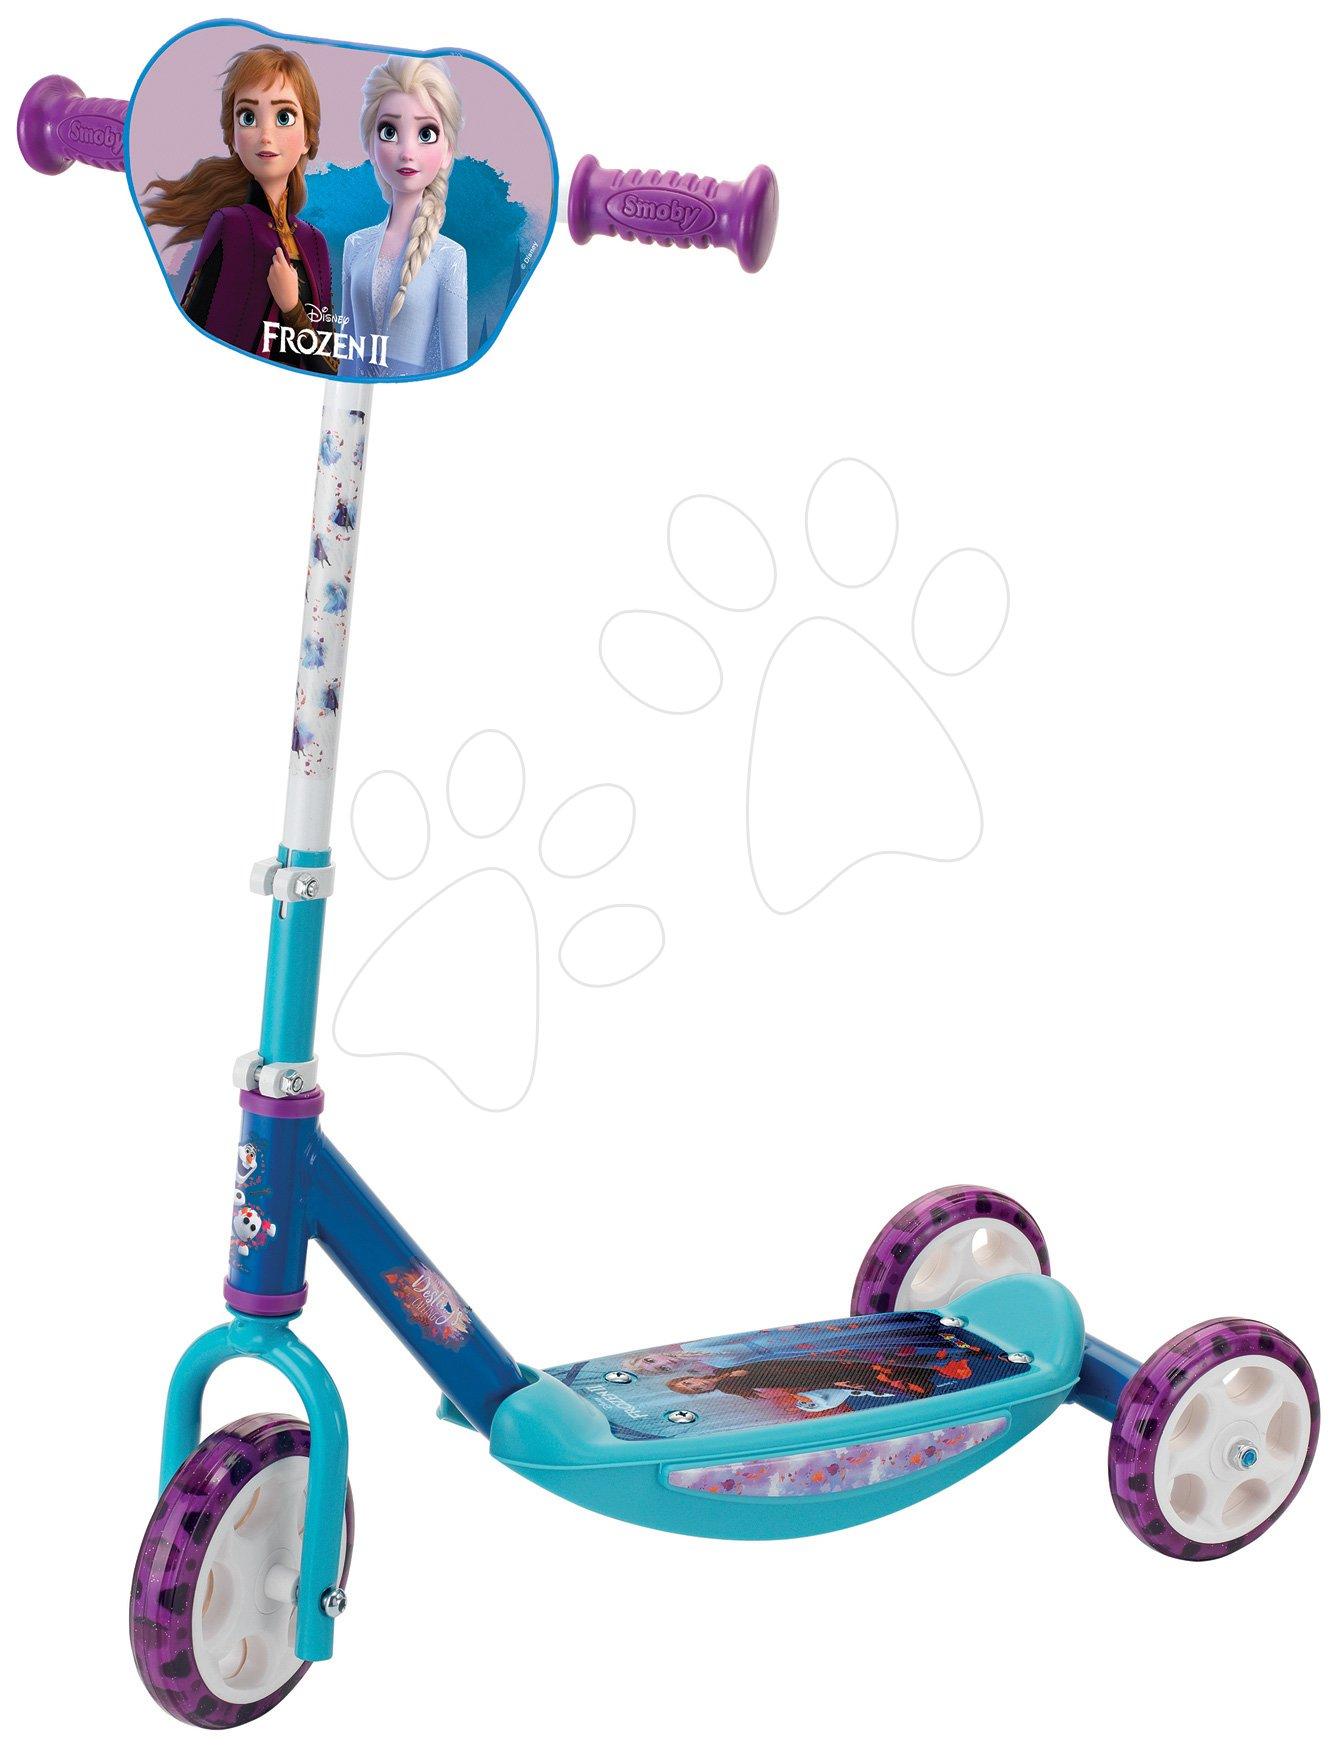 Háromkerekű roller Frozen 2 Disney Smoby állítható kormánnyal, csúszásmentes